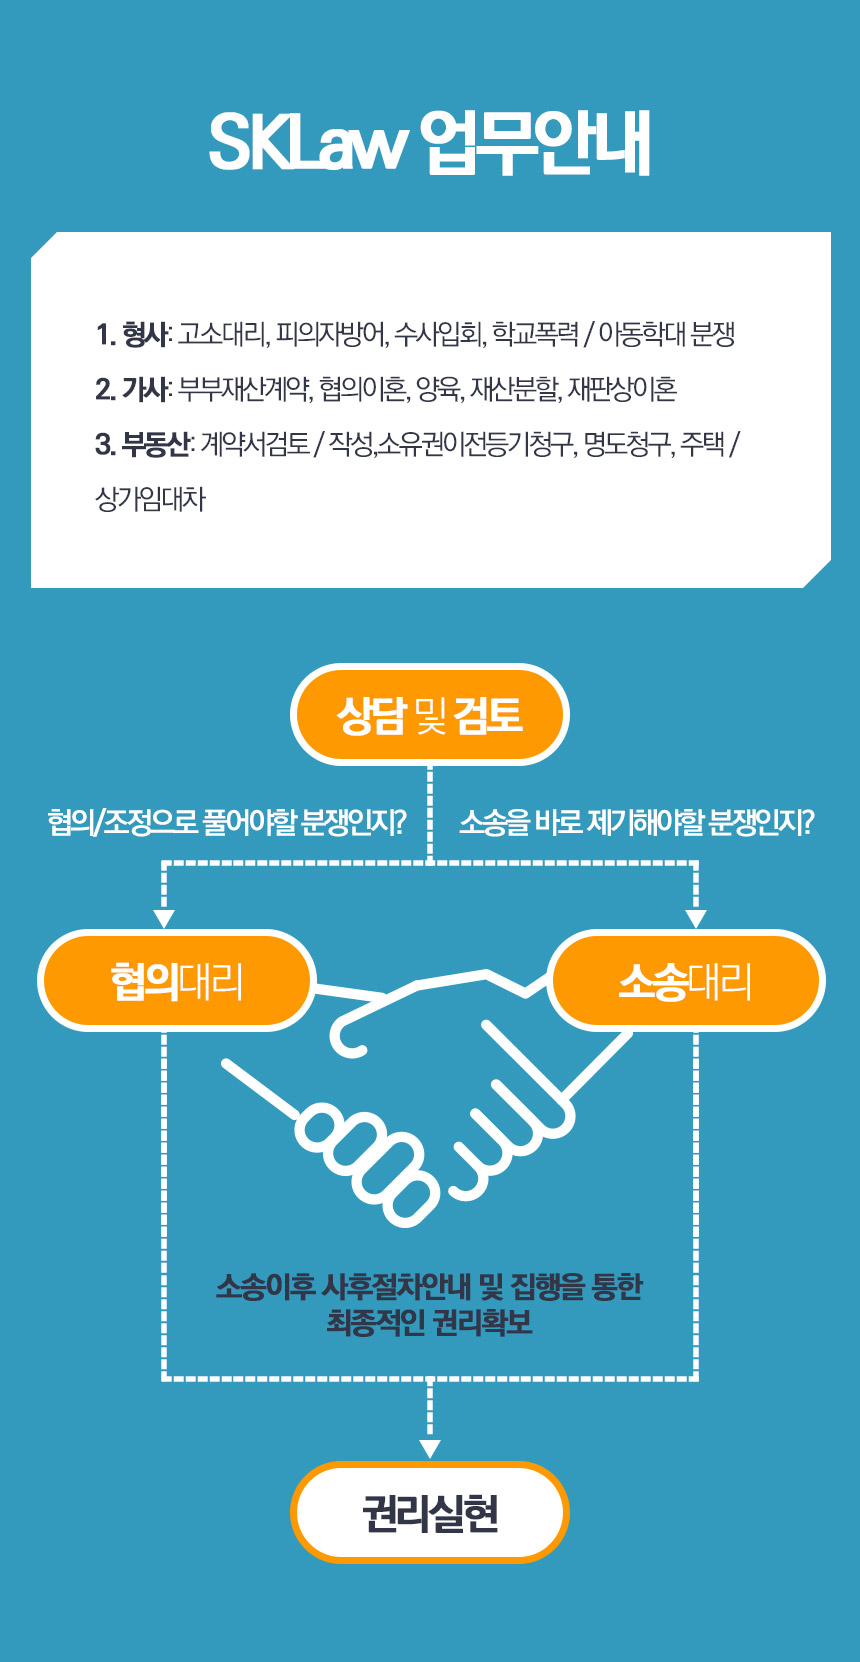 SKLaw 업부안내 - 매매, 재건축, 임대차, 유치권, 상담 및 검토, 협의대리, 소송대리